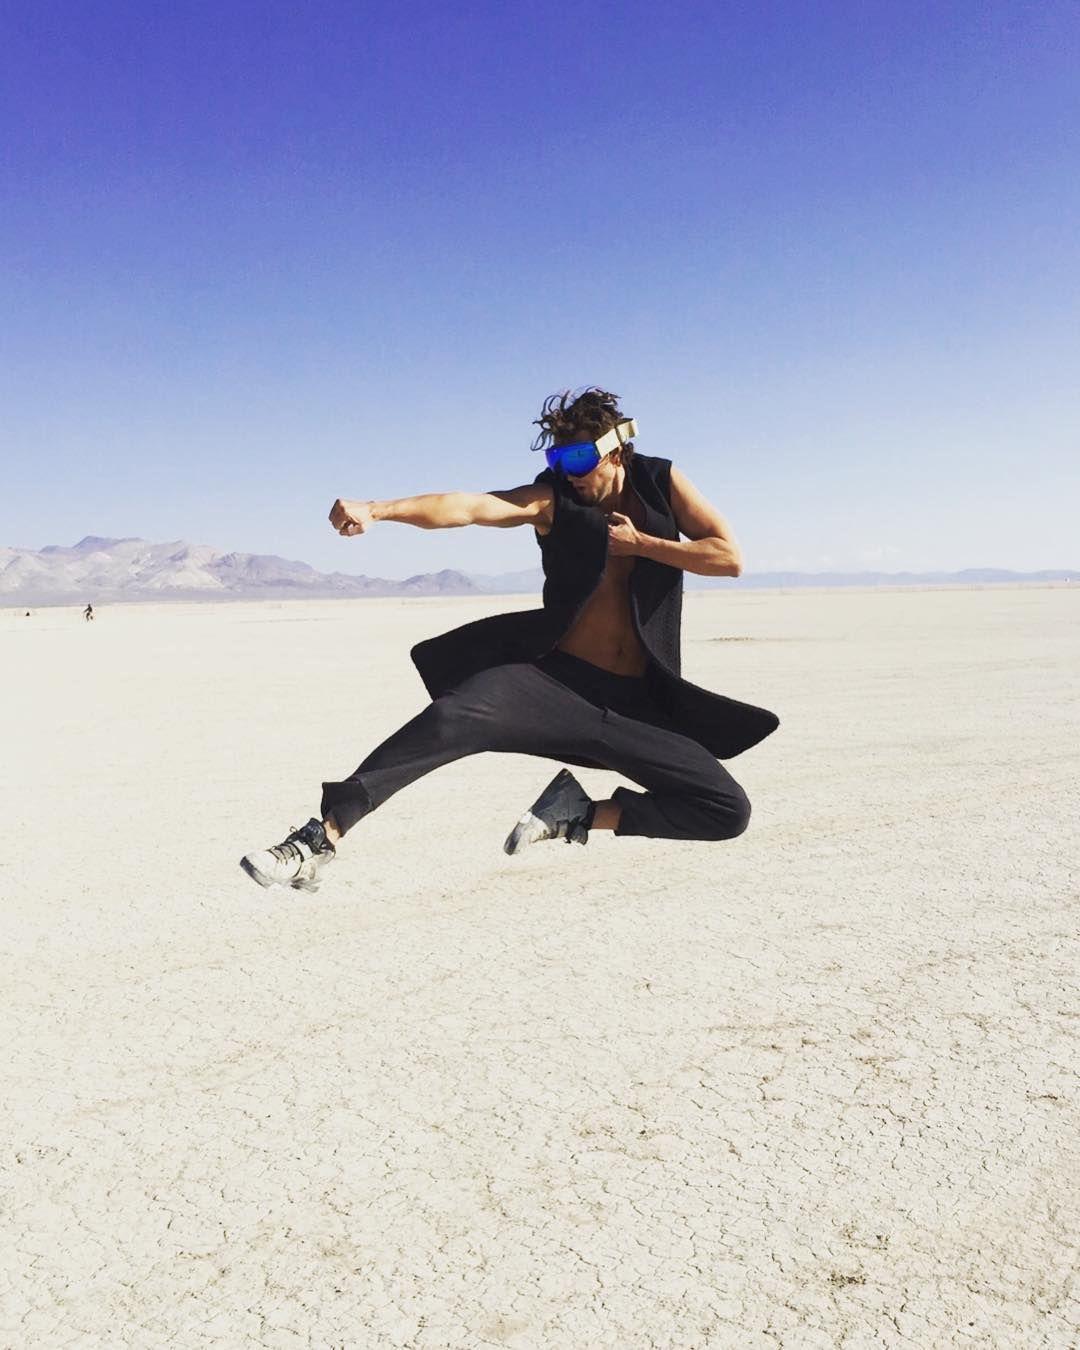 Пилюка, голі тіла та сучасне мистецтво: круті фото з фестивалю Burning Man 2017 - фото 336407